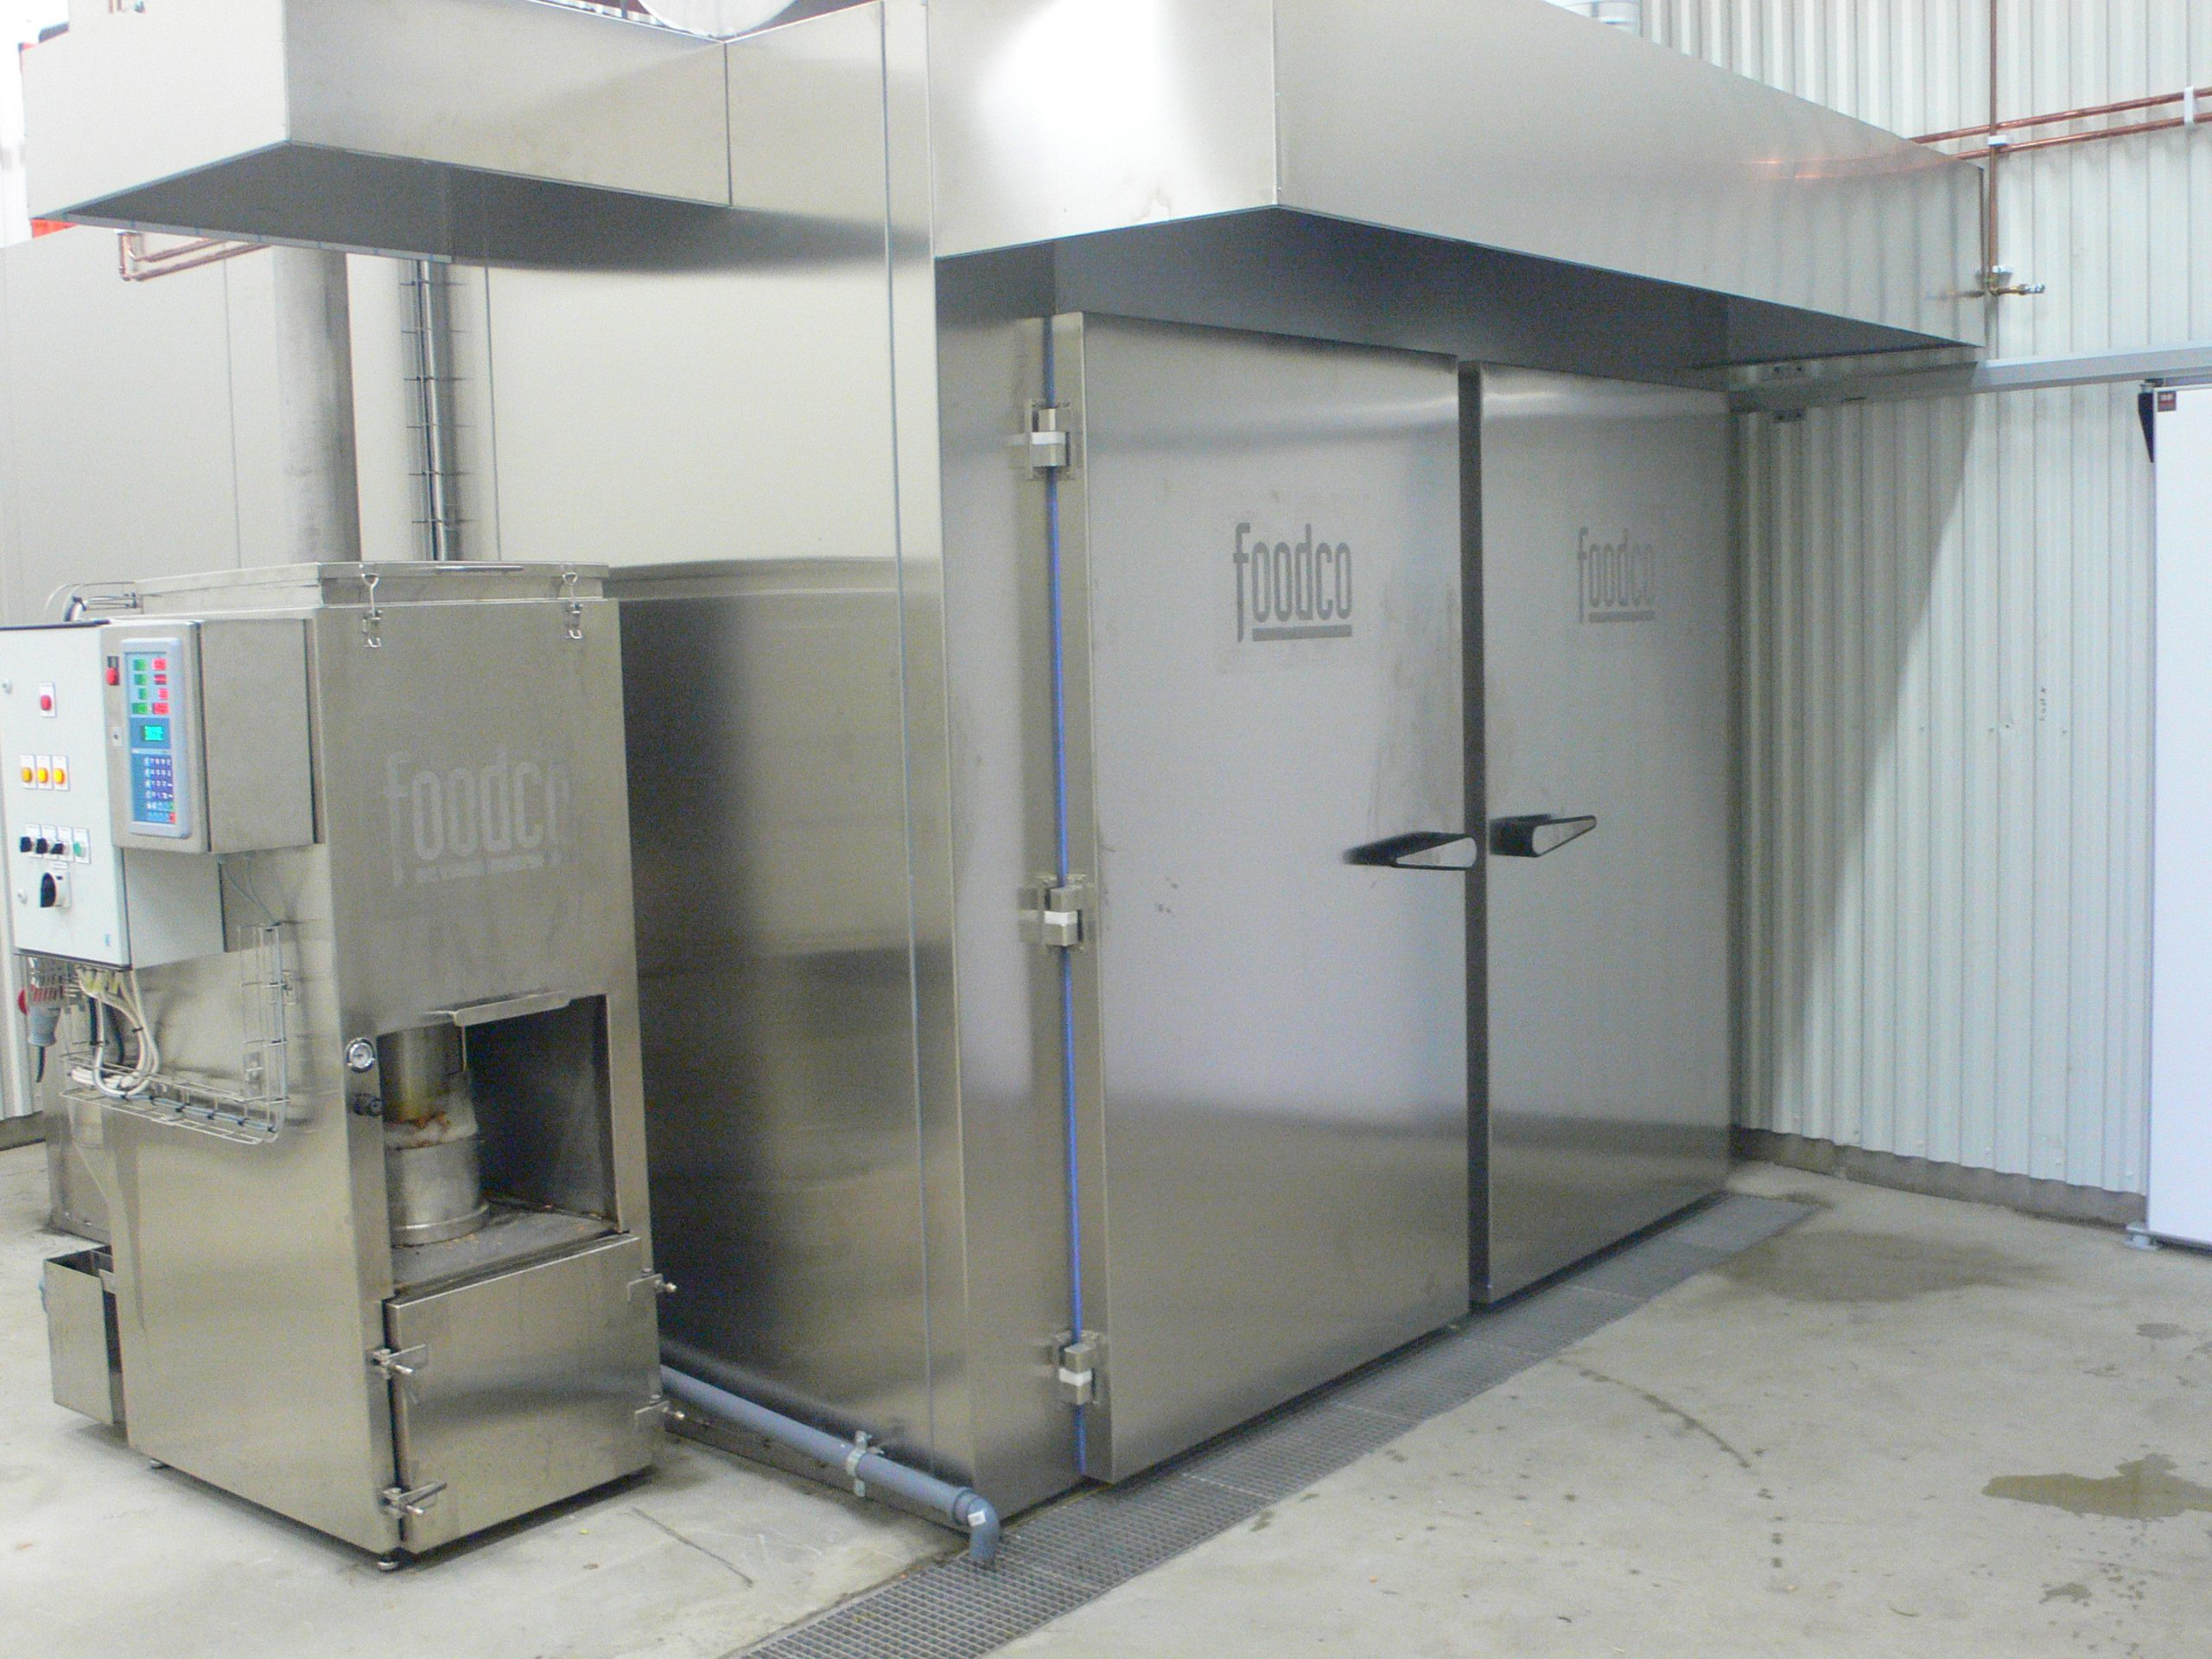 Karlshamn hot smoking - Foodco Global Machinery